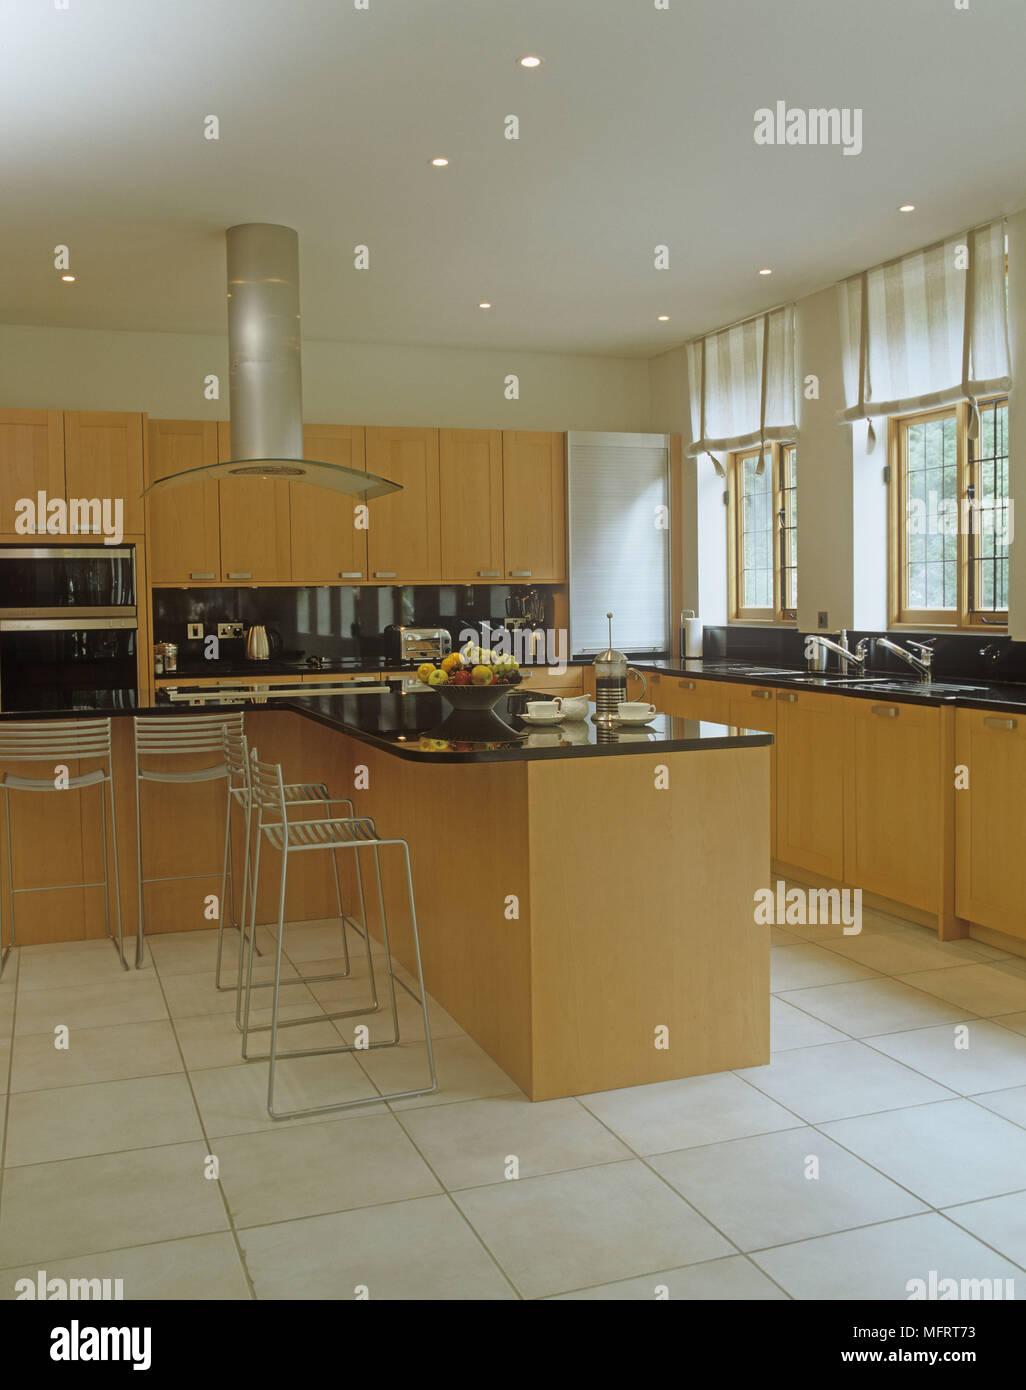 Küche Insel und Hocker in offener Bereich mit Arbeitsplatte und ...